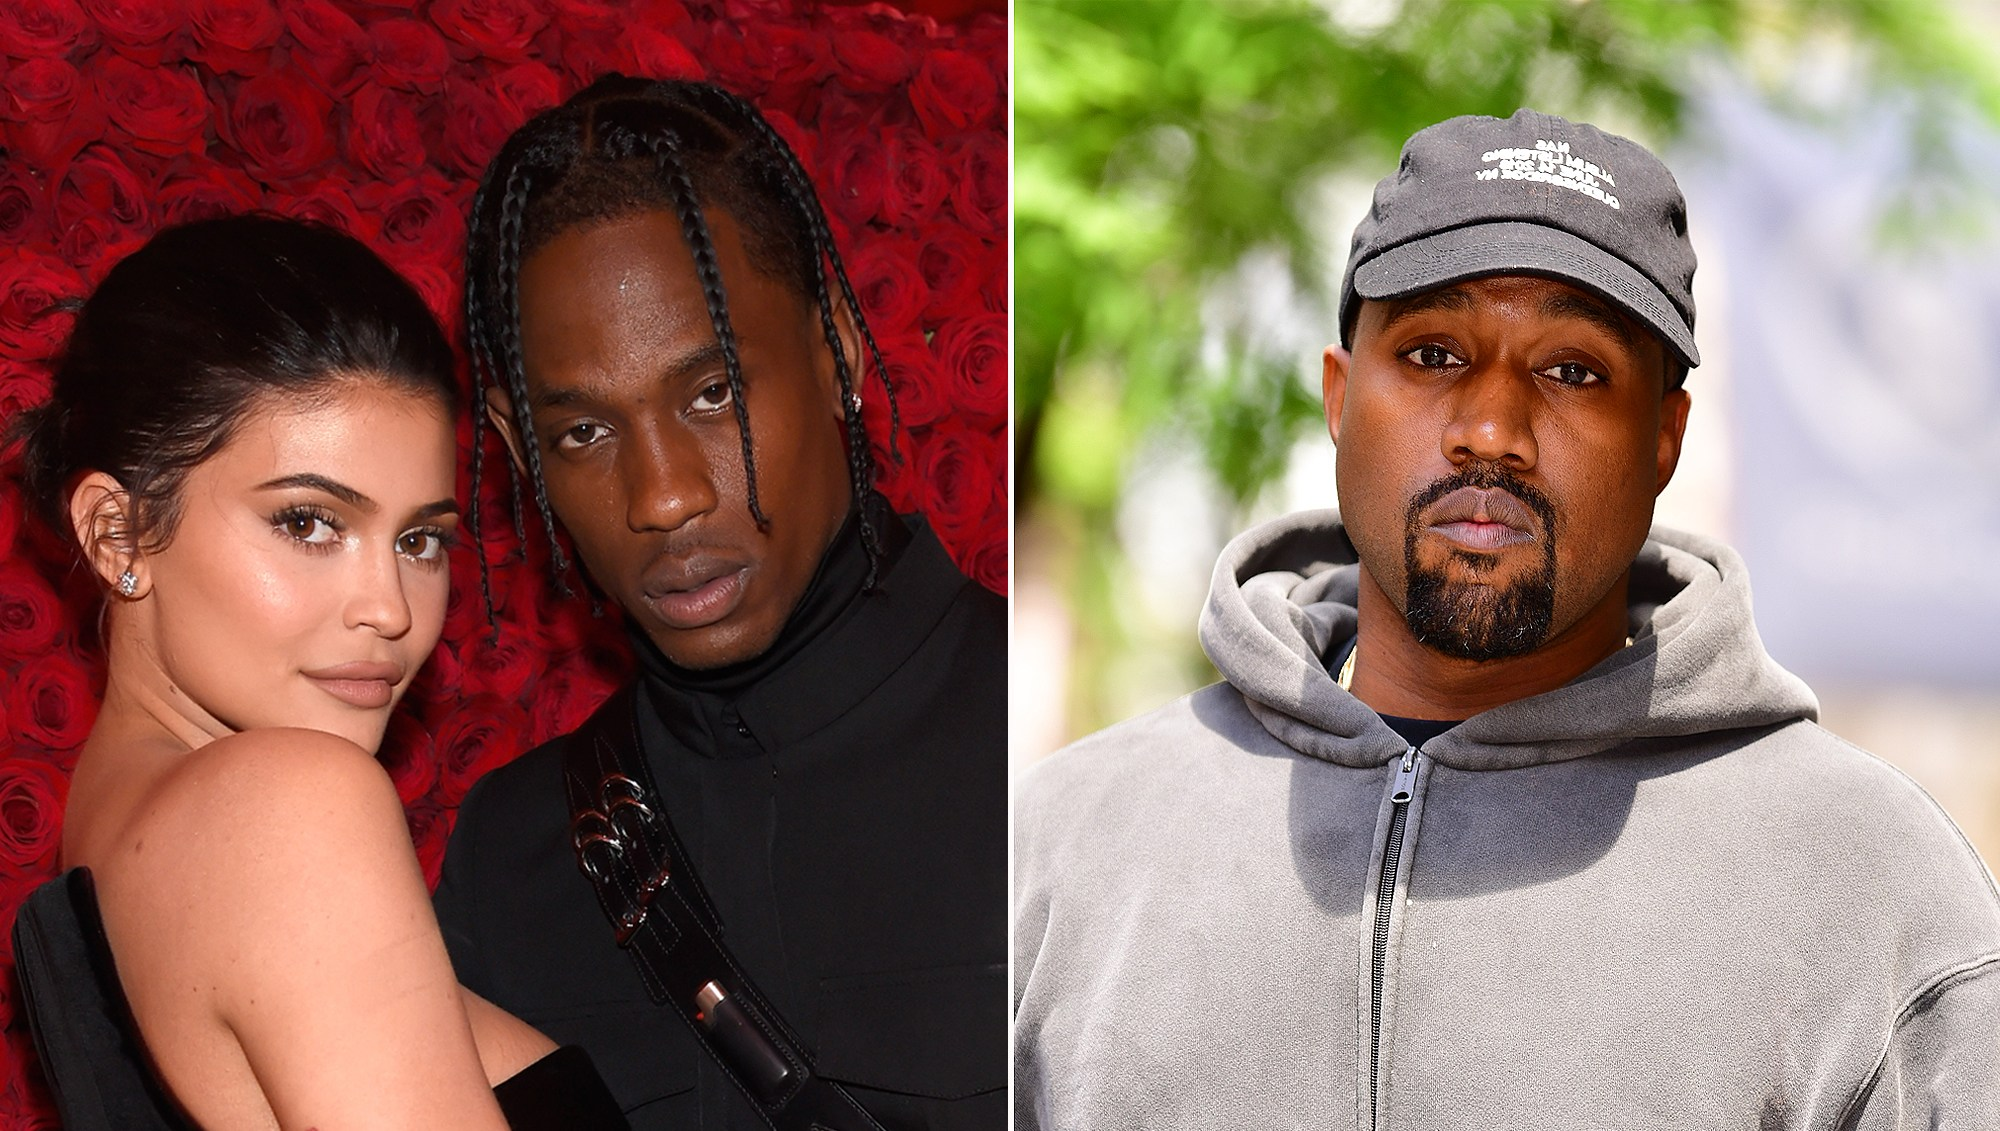 Kylie Jenner Defends Travis Scott Over Kanye West Feud Rumors